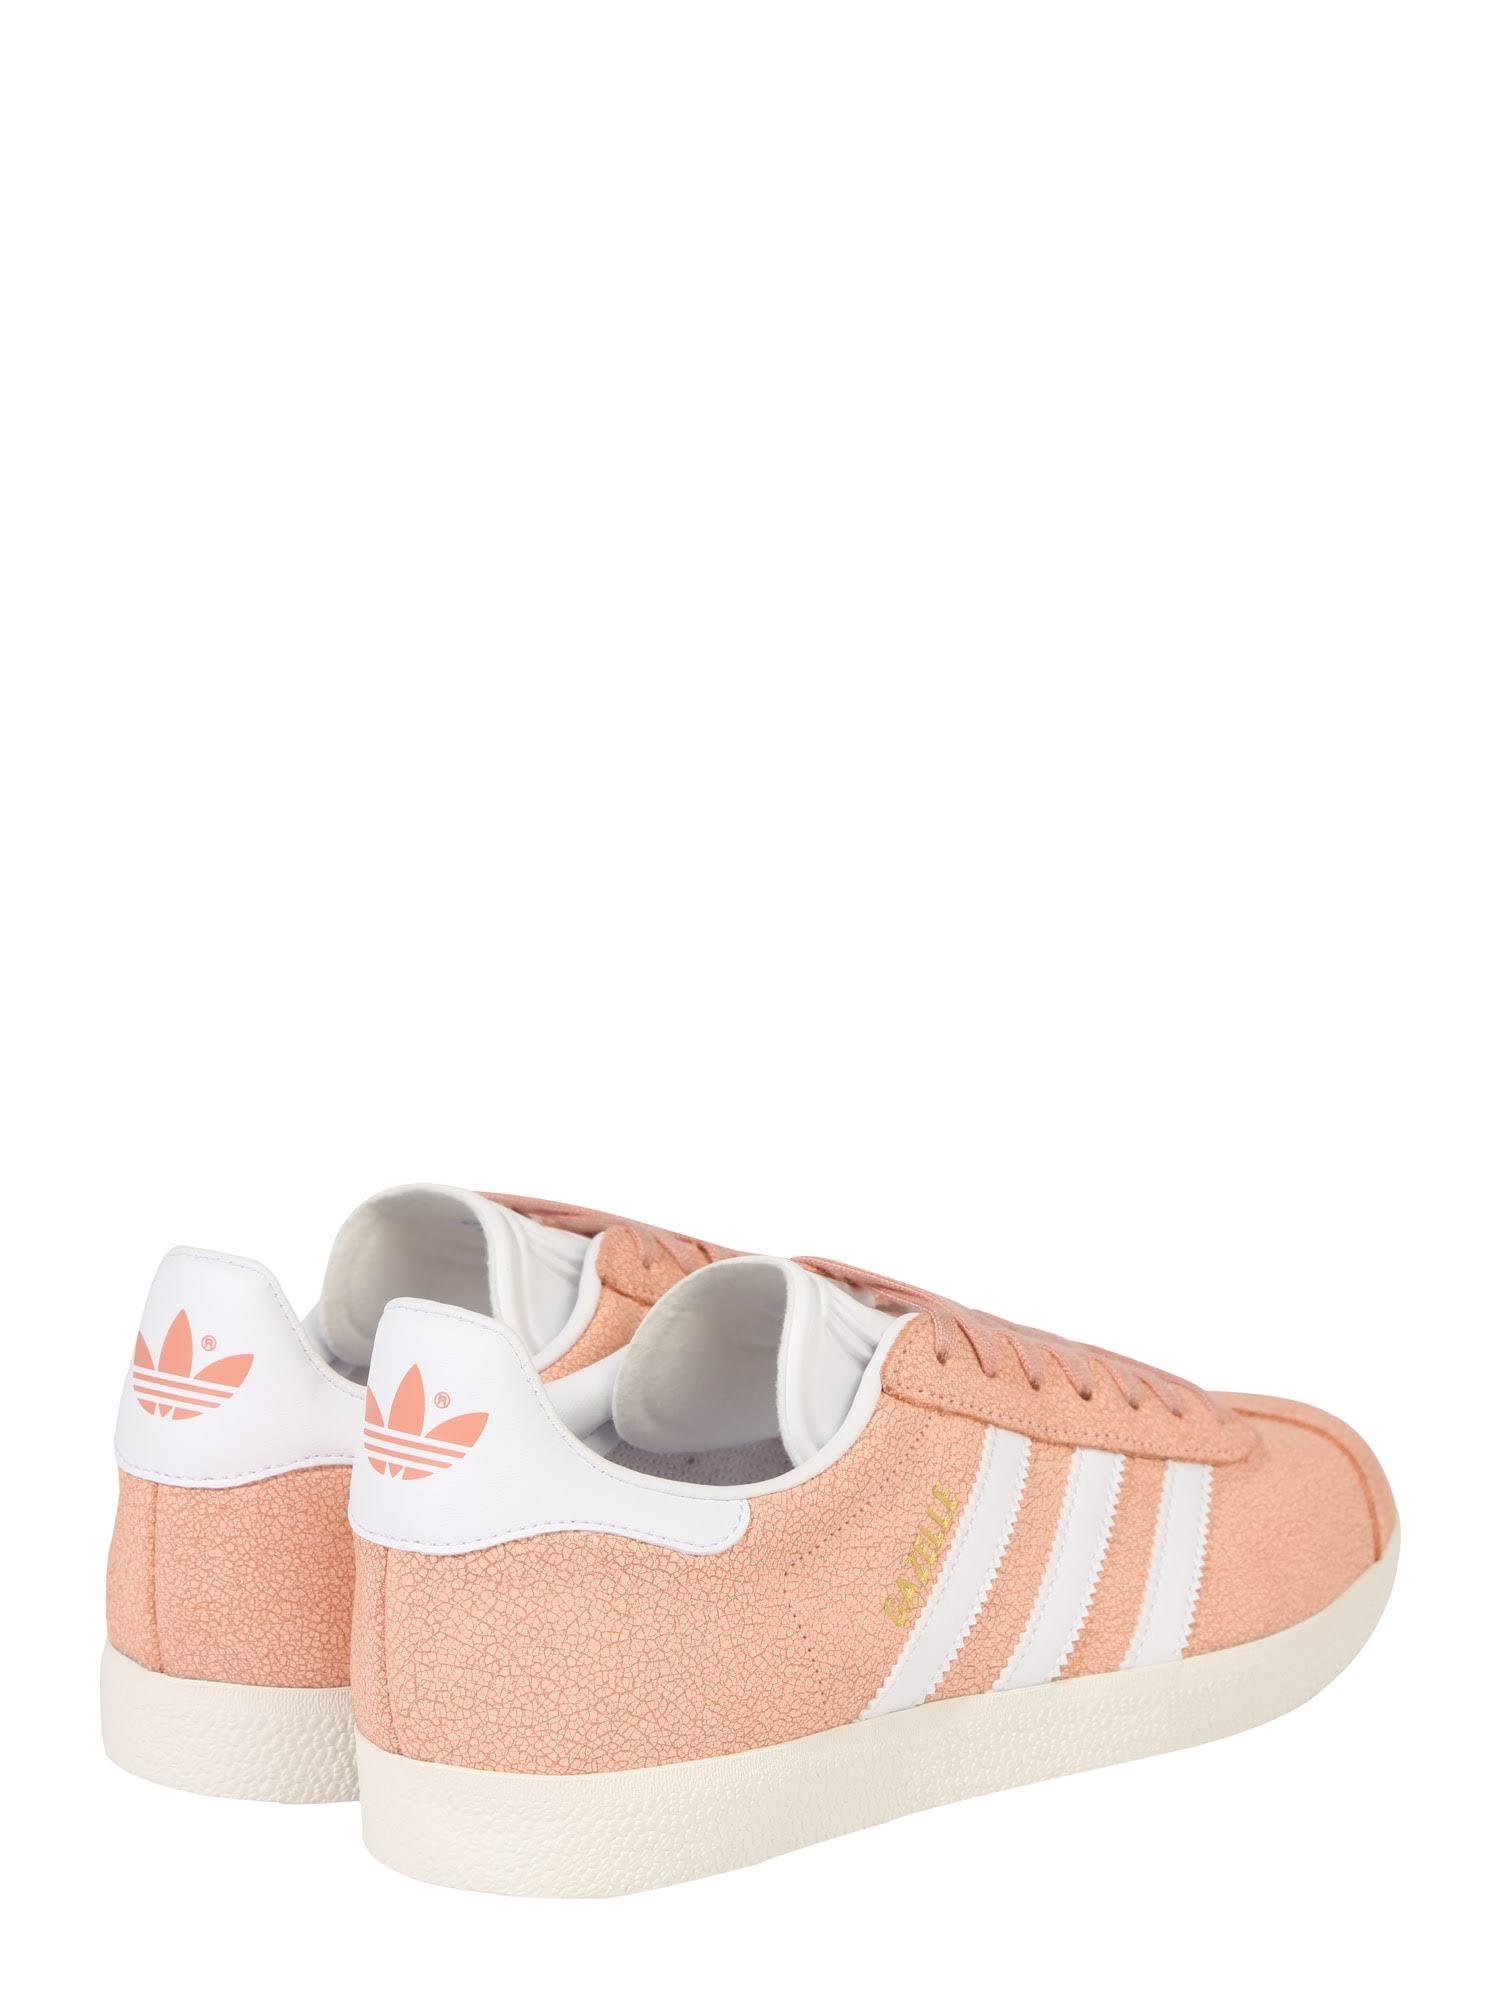 Sinaasappel Gazelle Sinaasappel Adidas Adidas Gazelle Adidas Gazelle Schoenen Schoenen Schoenen w0OPXN8nk